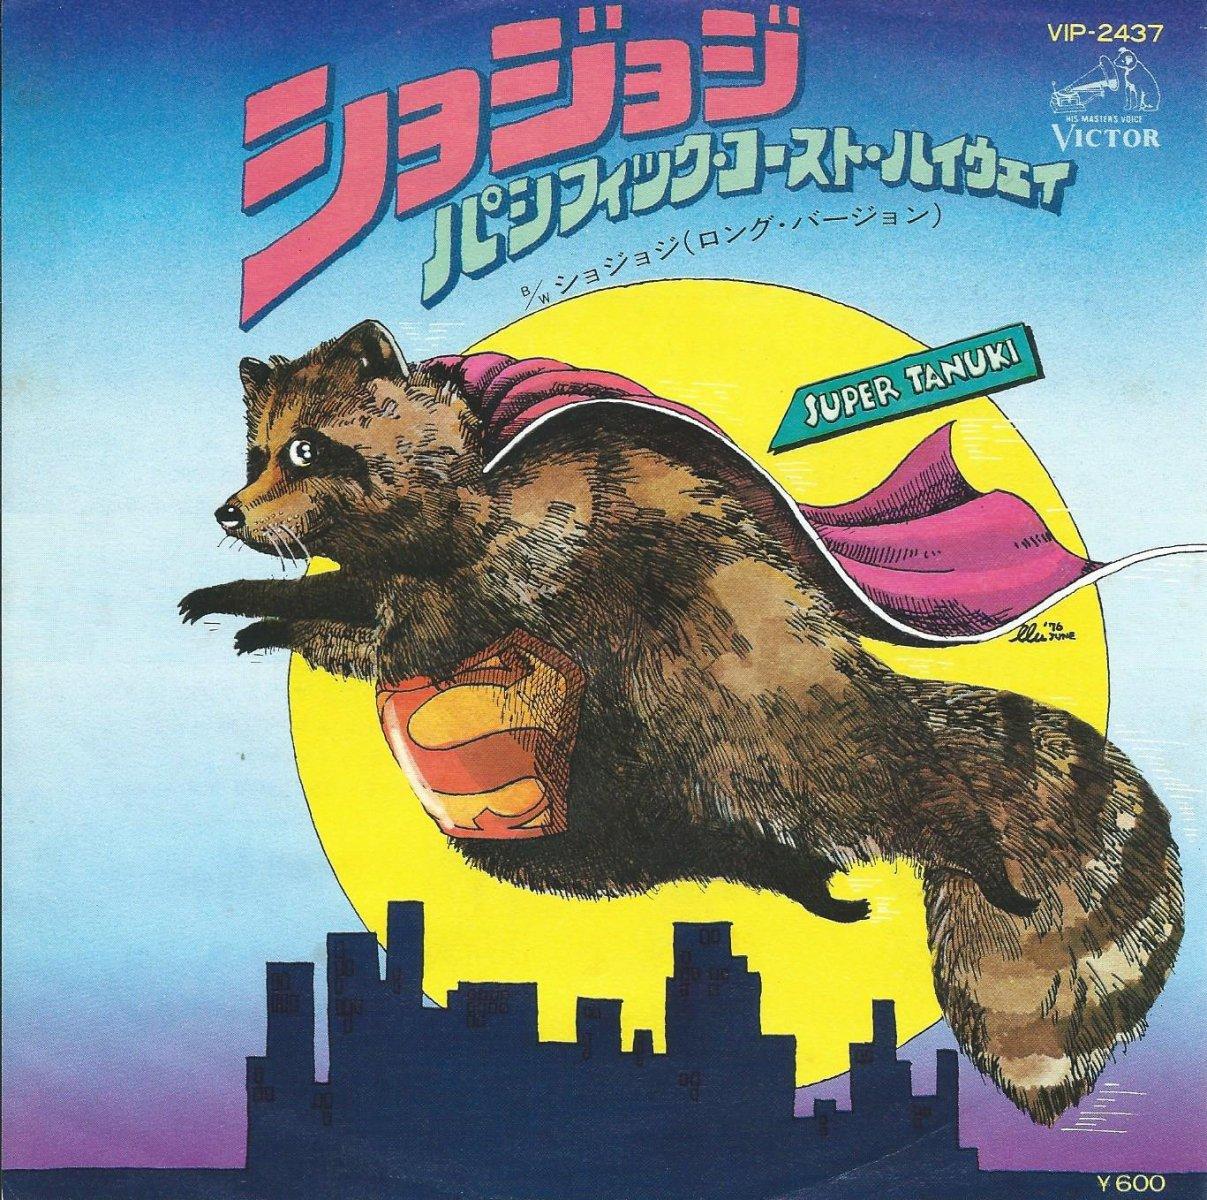 パシフィック・コースト・ハイウェイ THE PACIFIC COAST HIGHWAY / ショジョジ (ディスコ・バージョン) (7